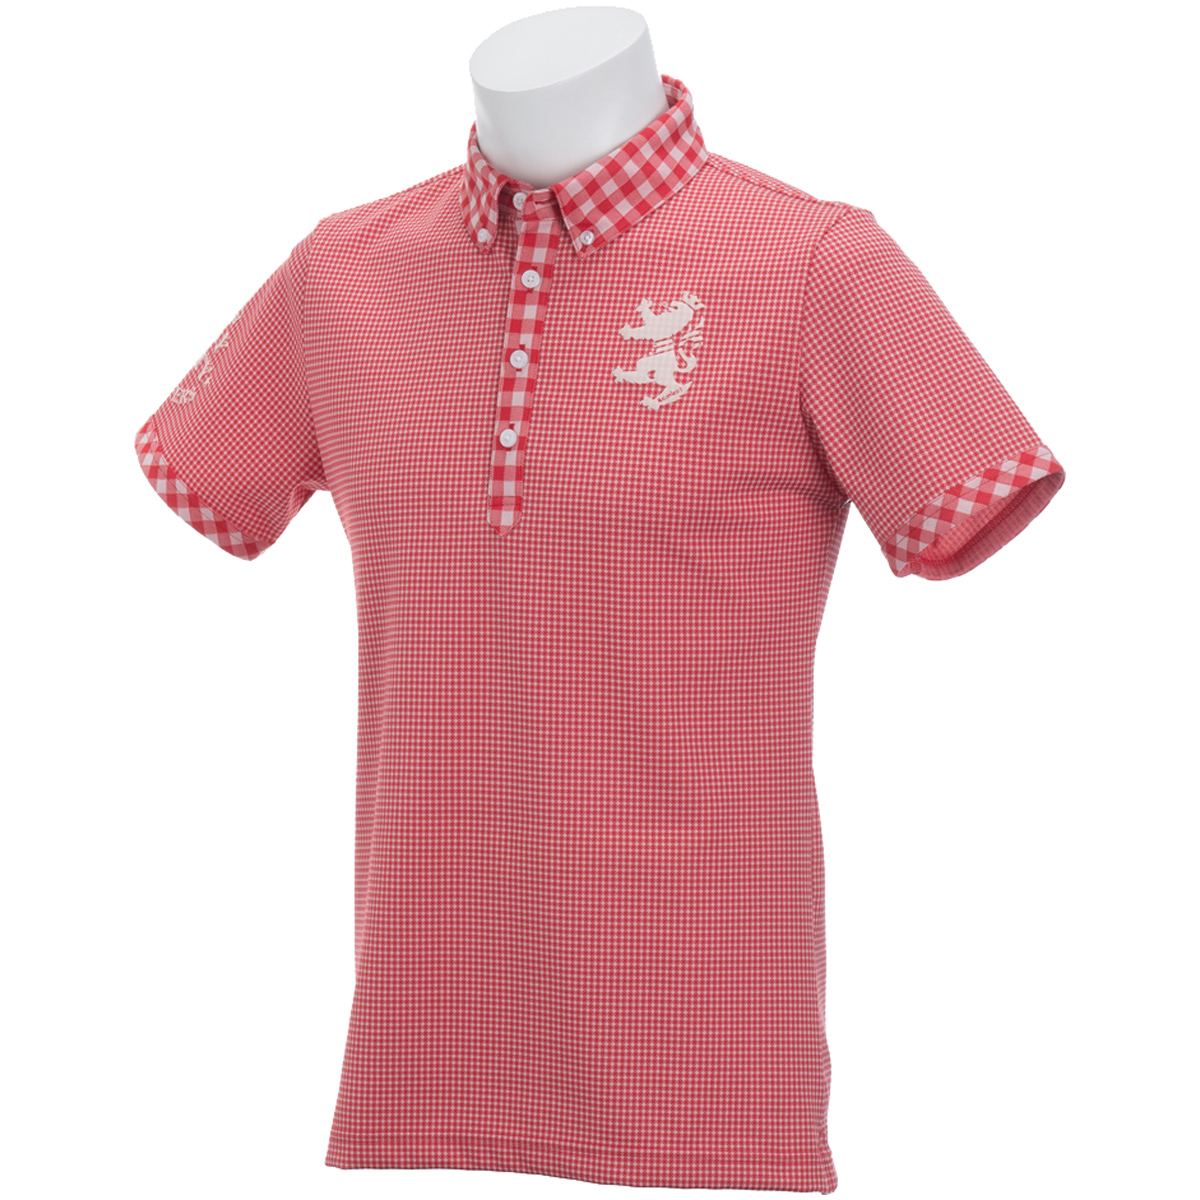 ギンガム ボタンダウン半袖ポロシャツ